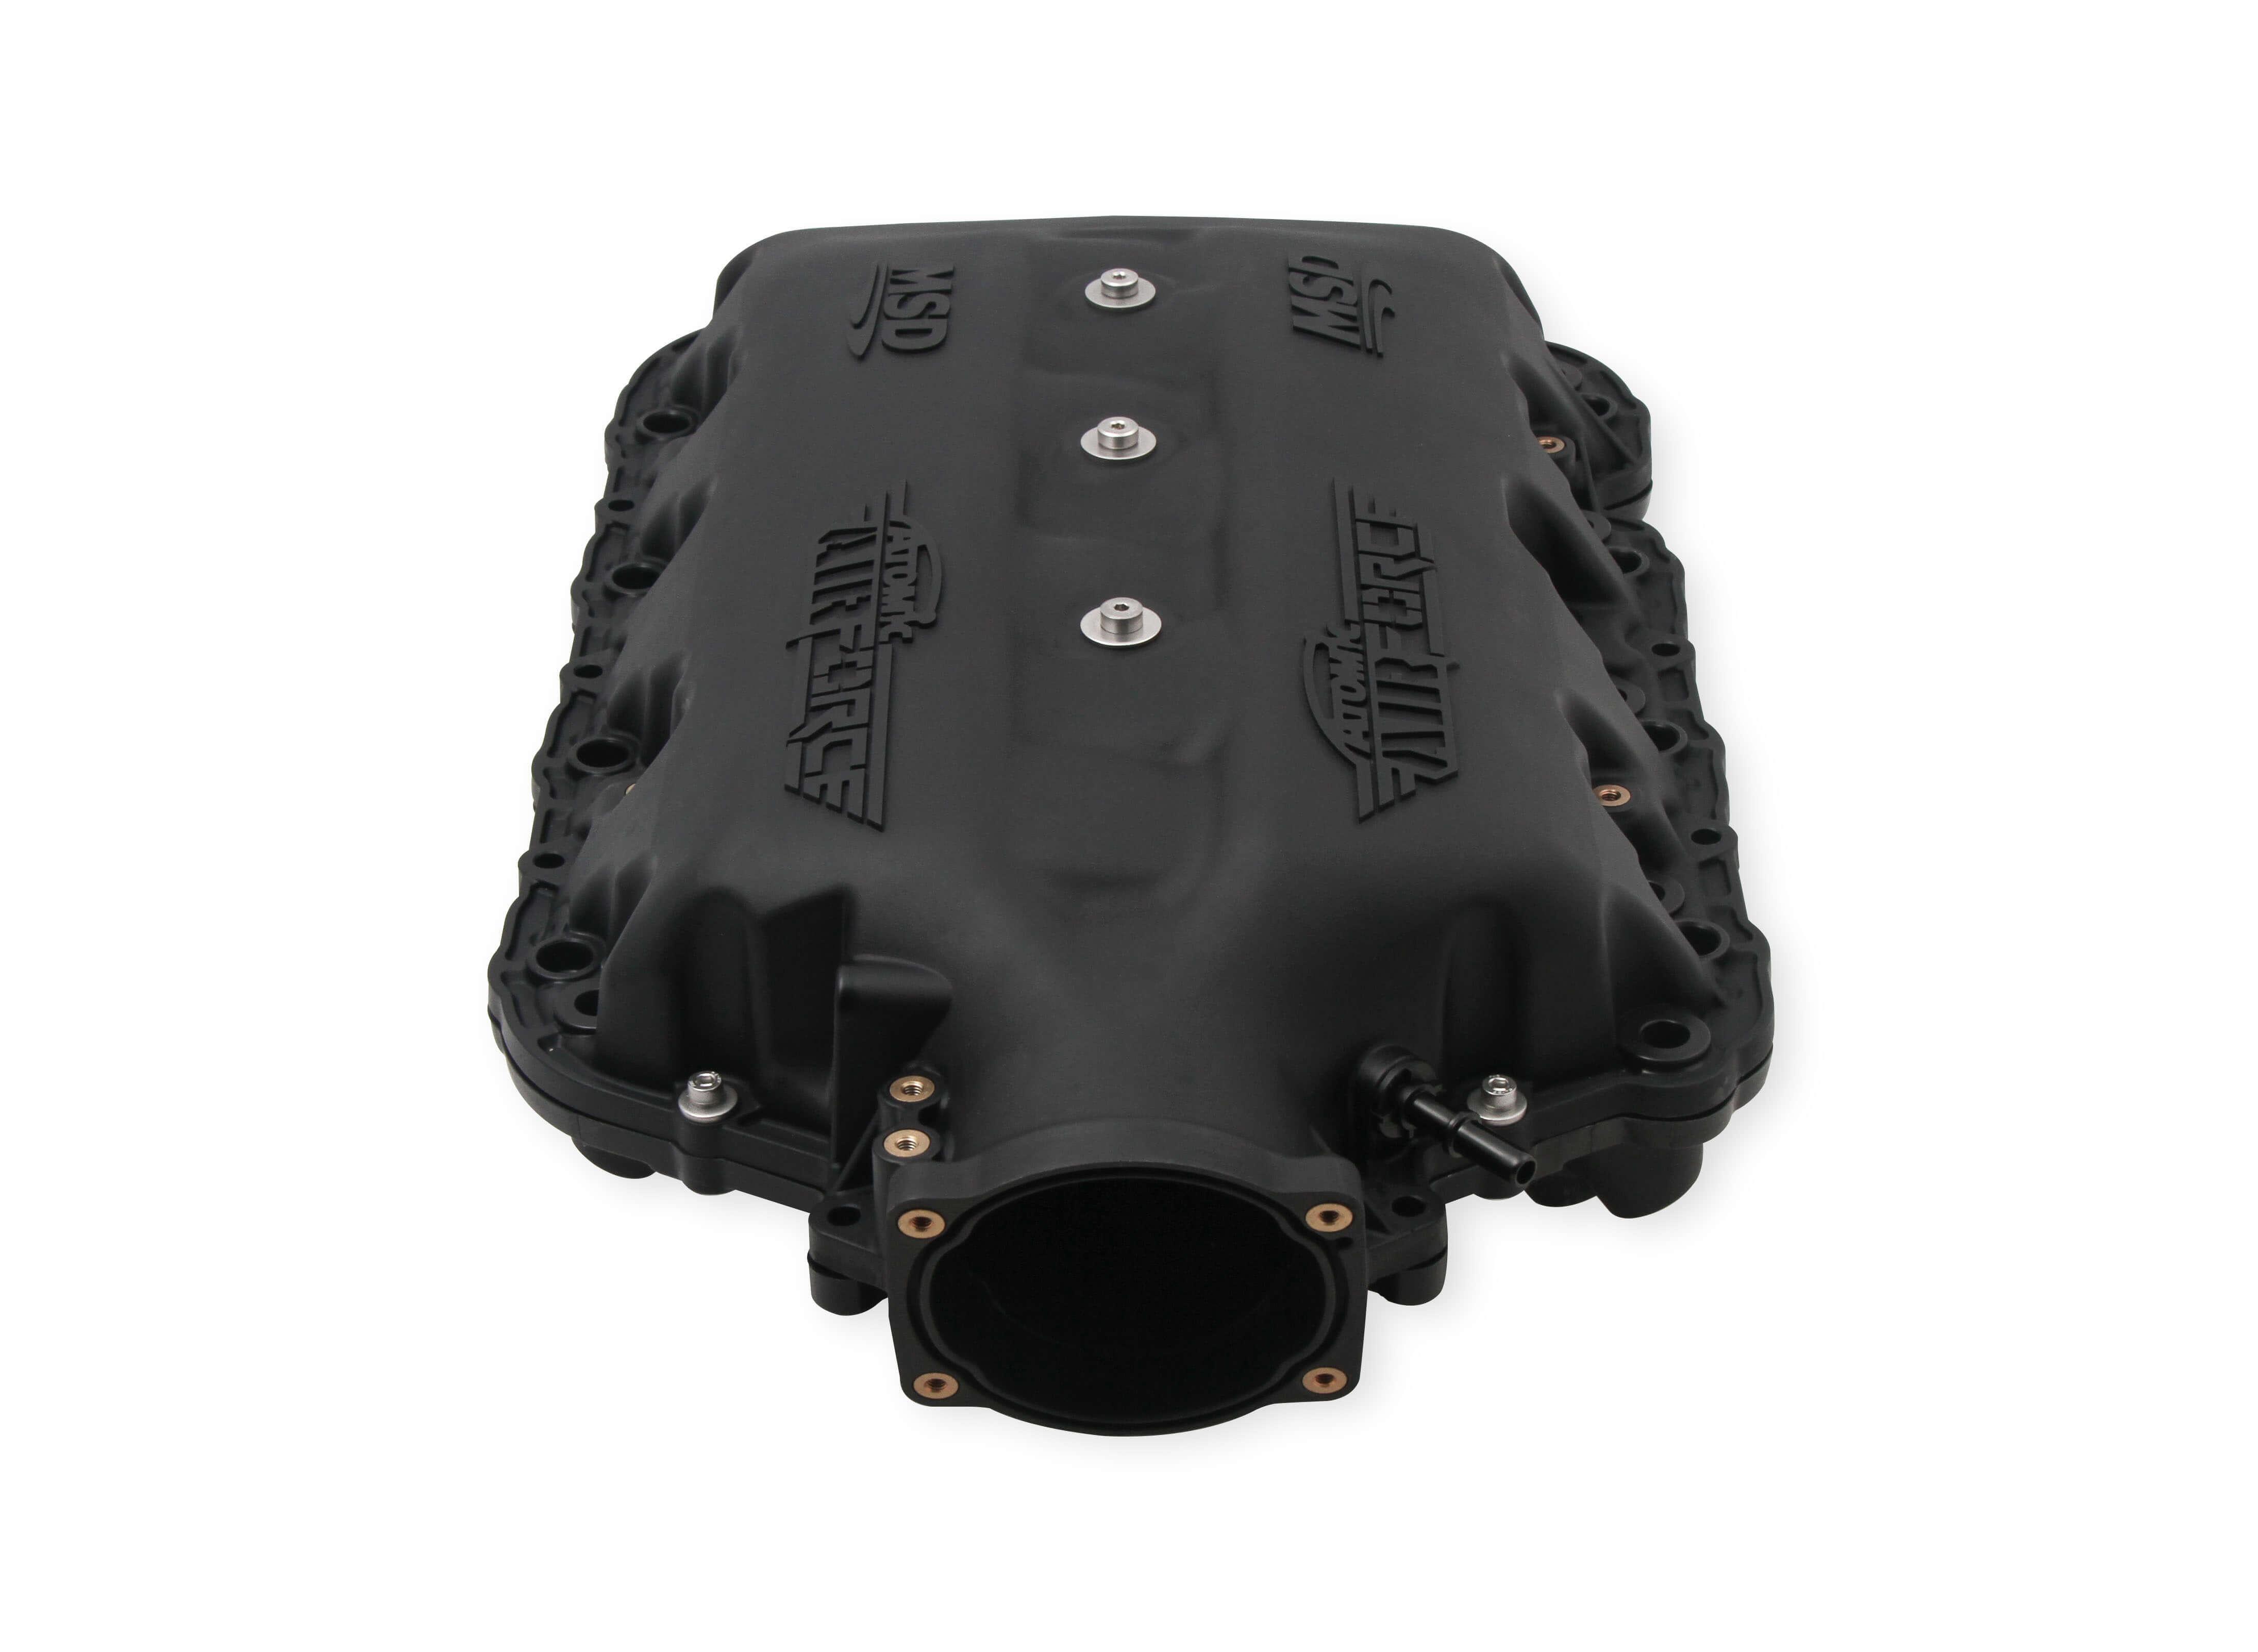 Msd Ignition Atomic AirForce LT1 Intake Manifold